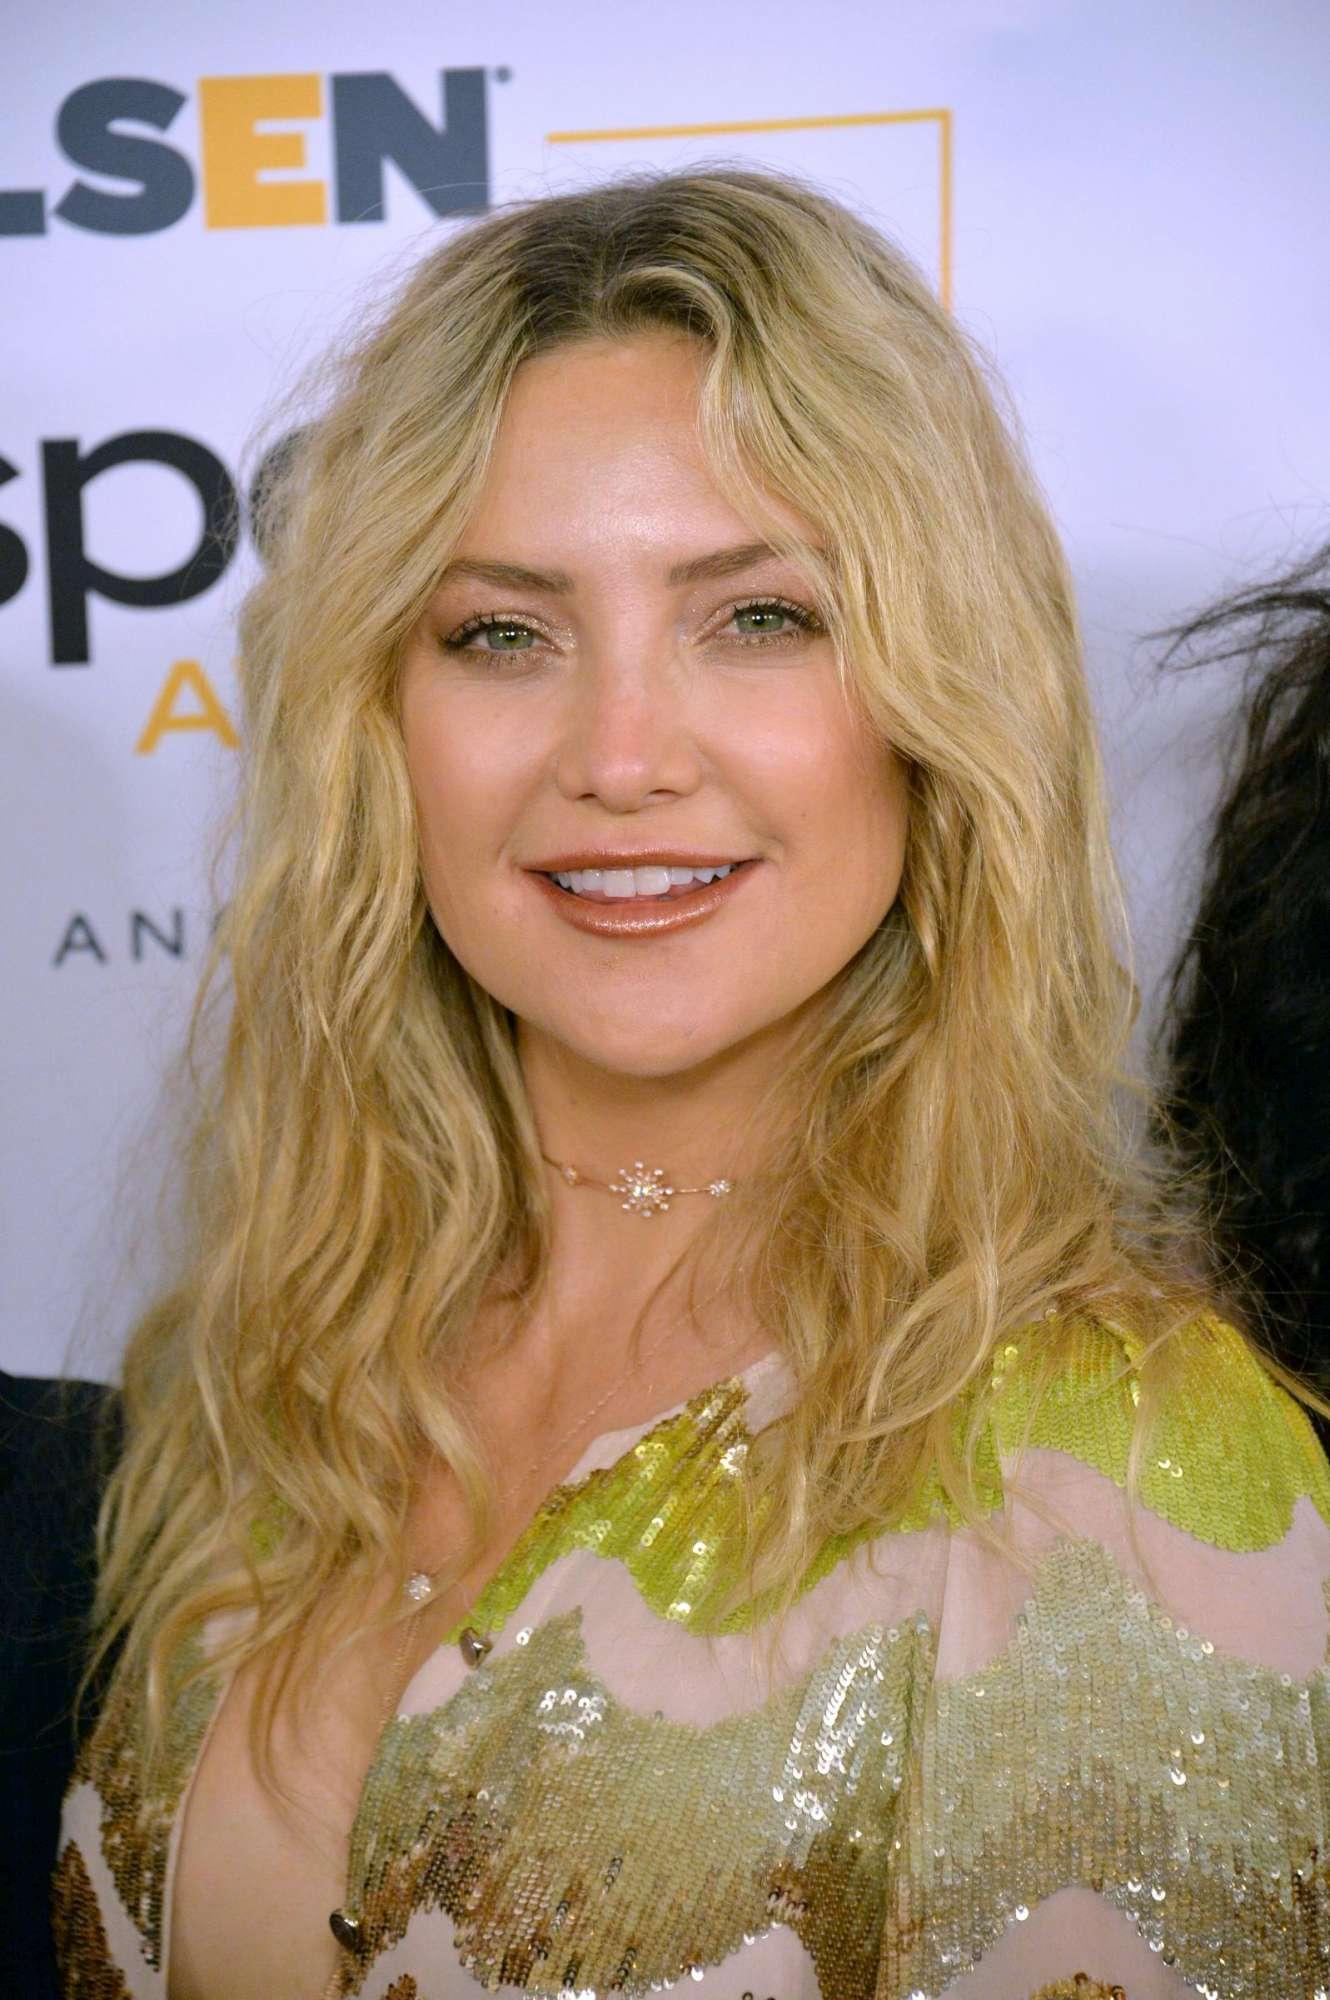 Seni in fuga, da Britney Spears a Myriam Catania: guarda che spettacolo